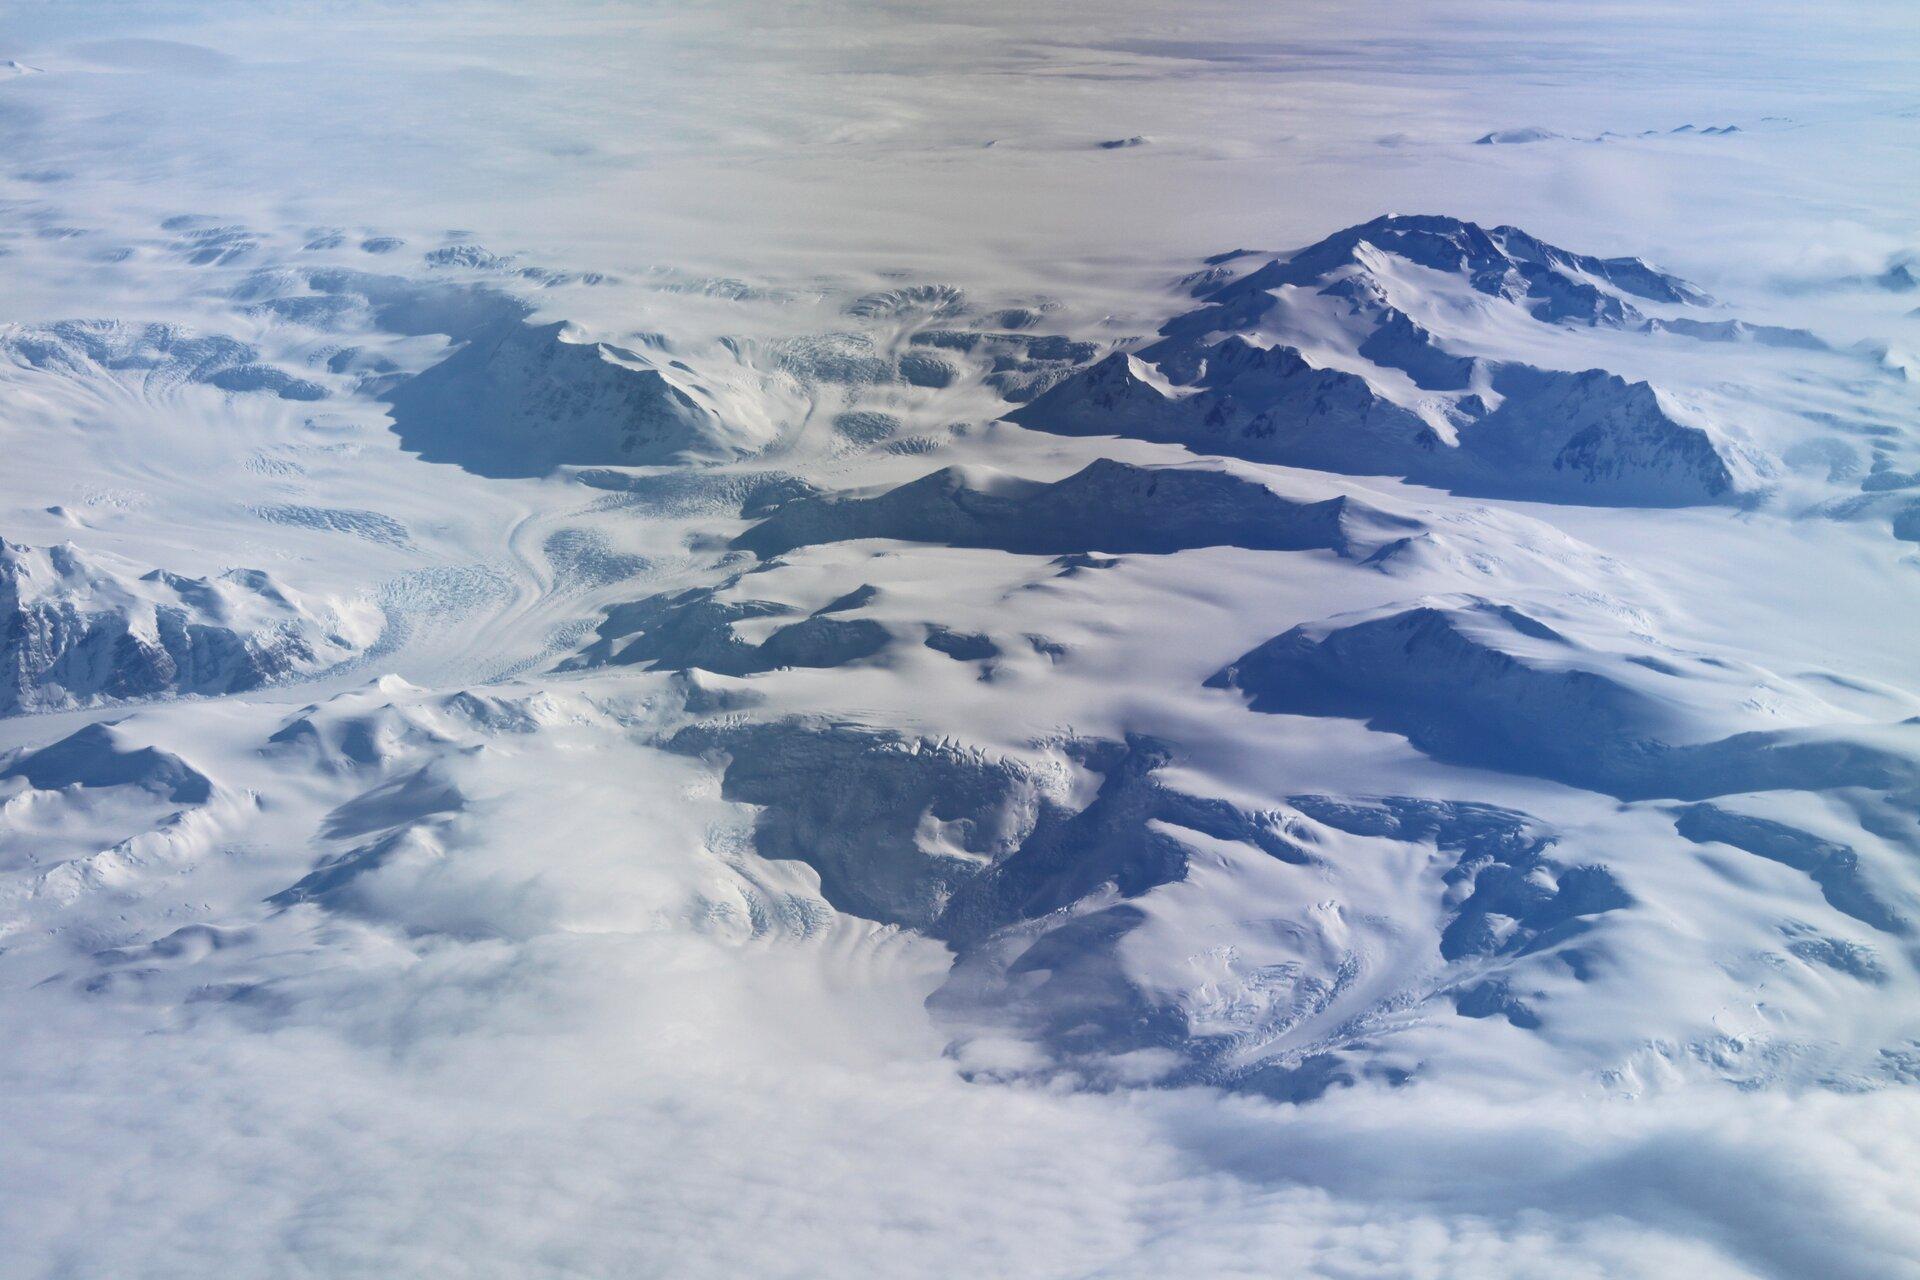 Fotografia prezentuje górzysty krajobraz lodowy na Antarktydzie.